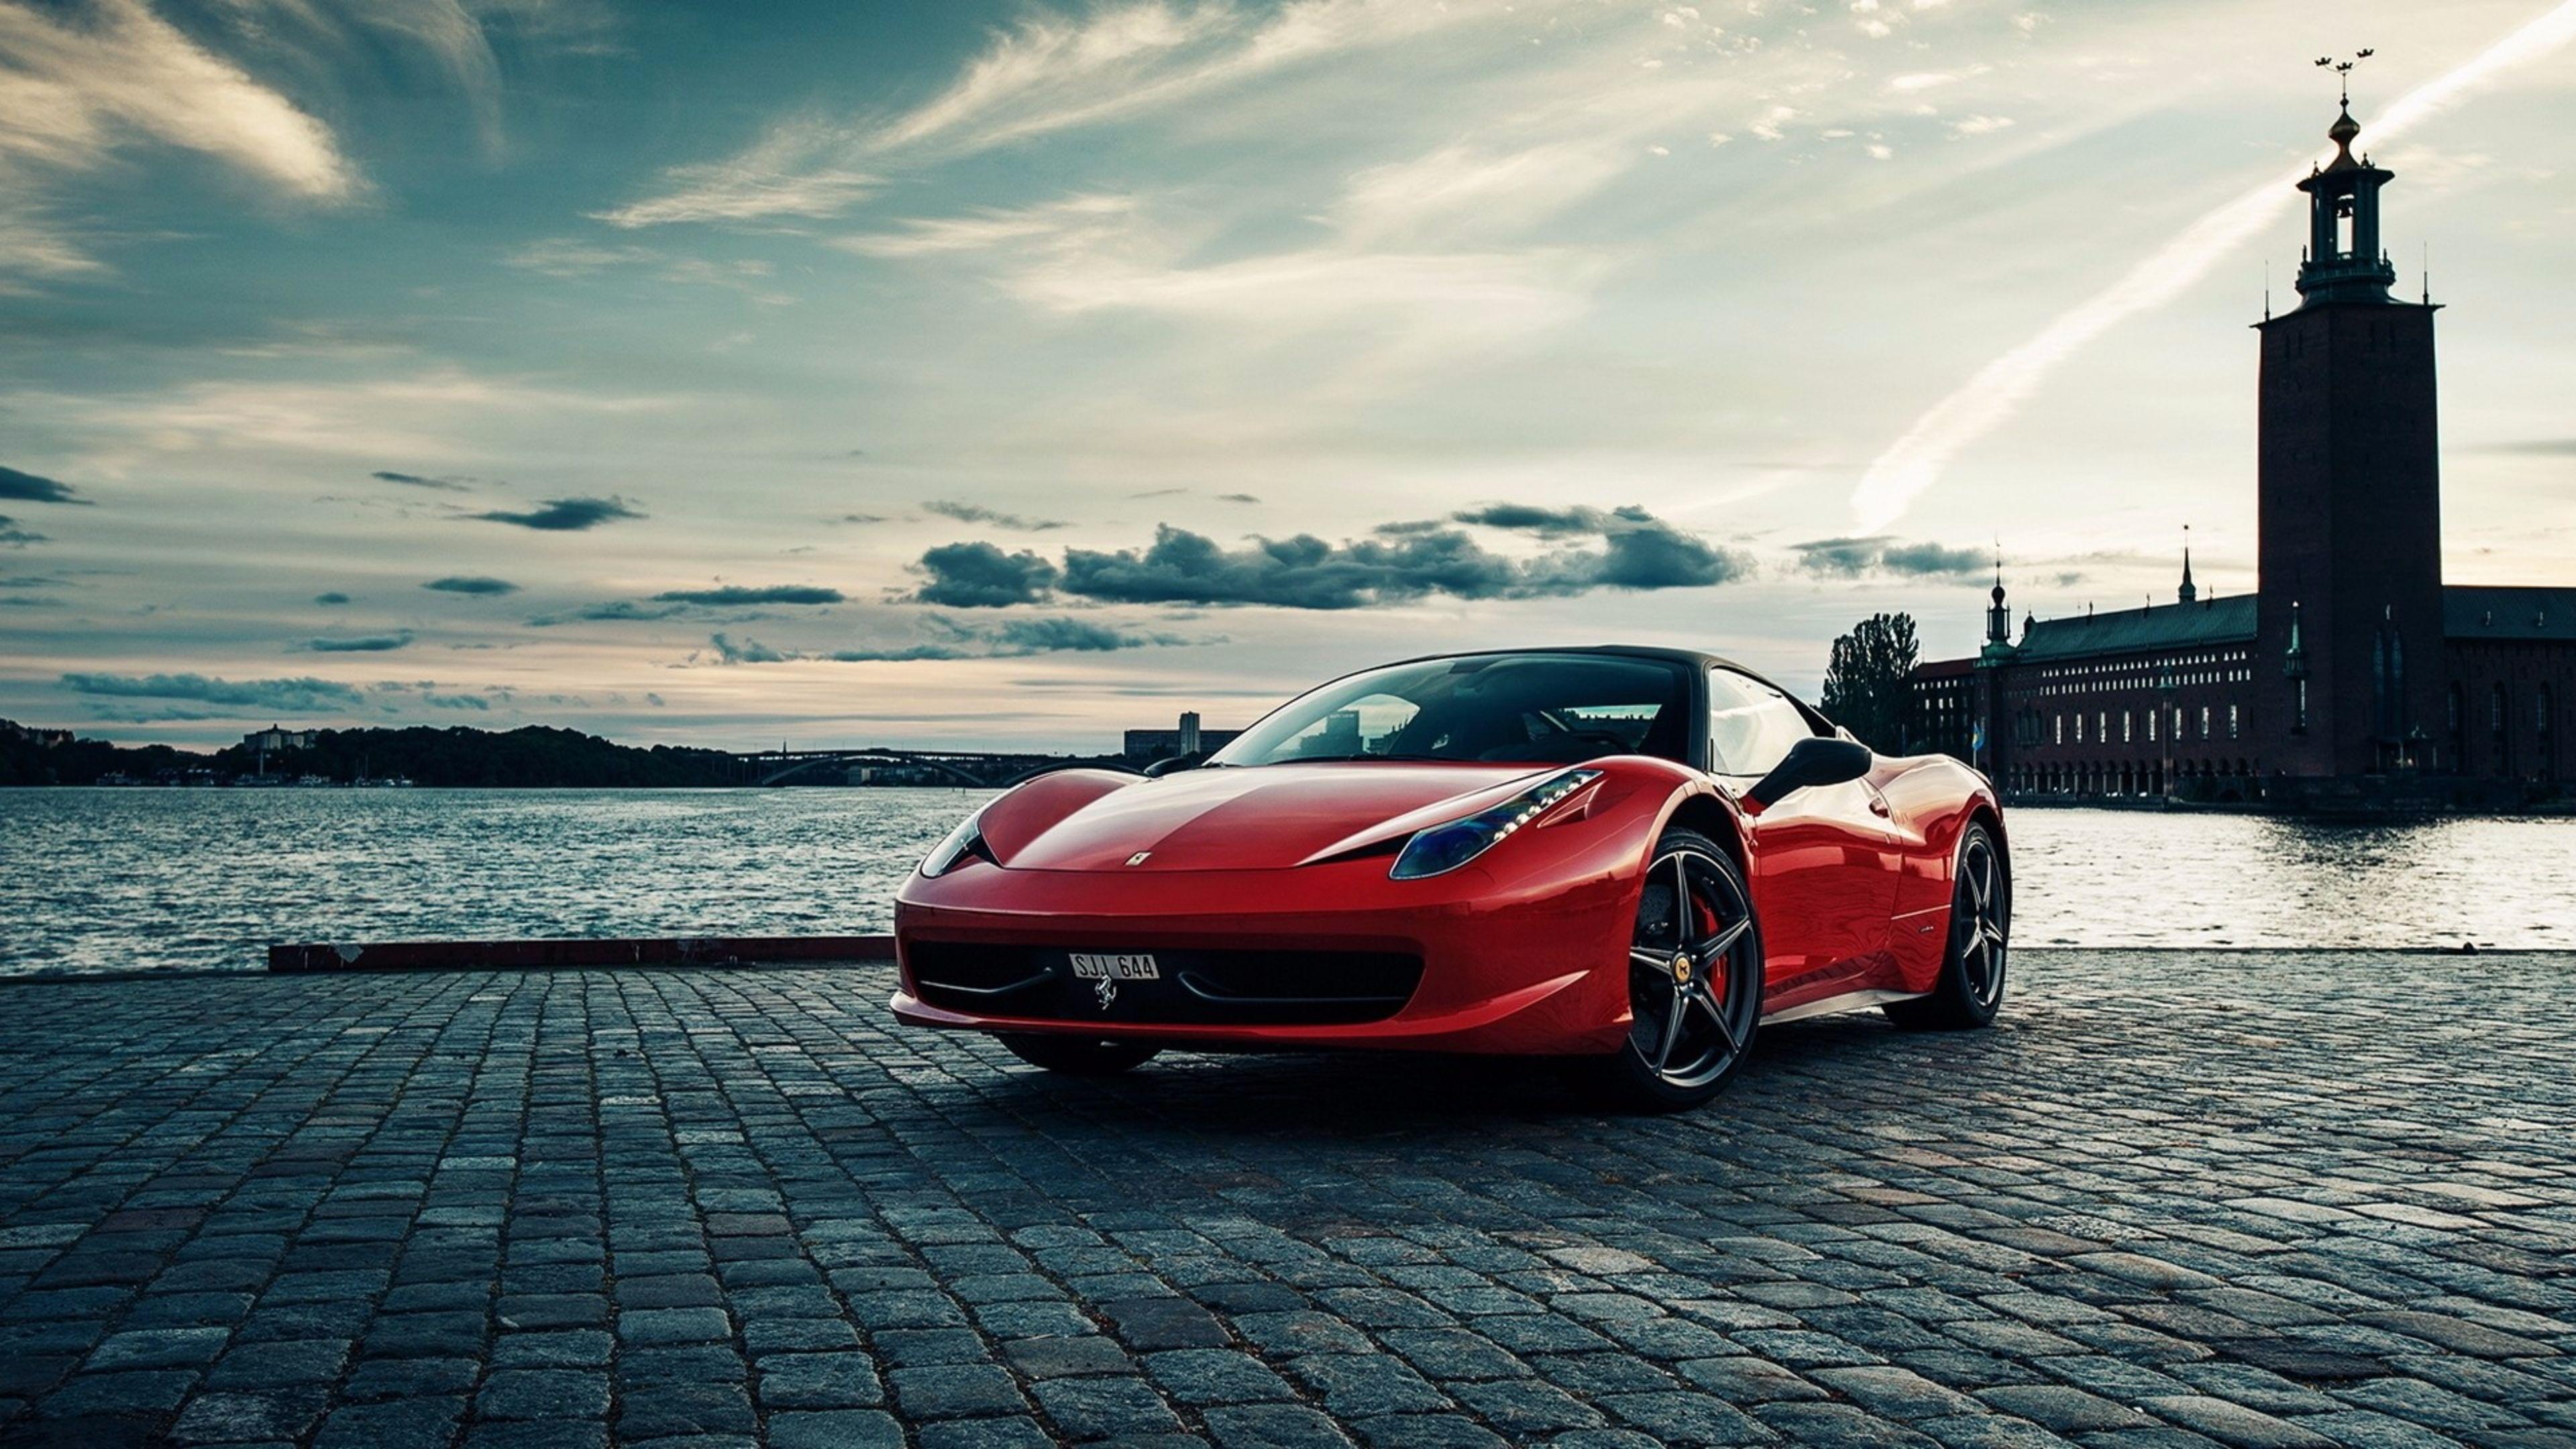 Hot Red Ferrari 458 4K Wallpapers 4k Car Wallpaper Cars